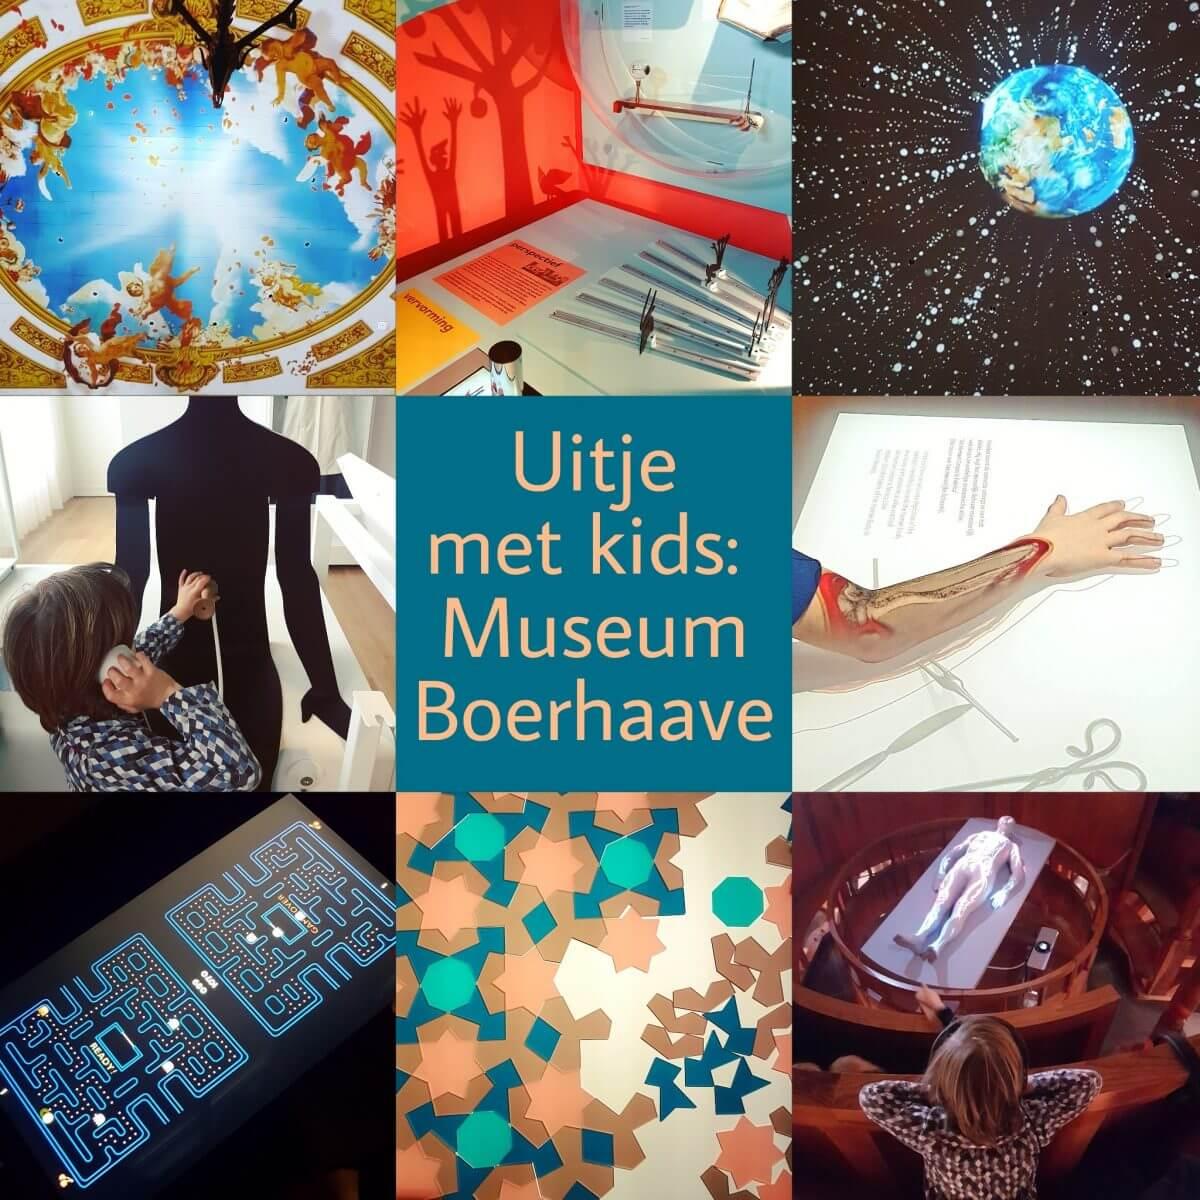 Uitje met kids: wetenschapsmuseum Boerhaave, met veel experimenten en spelletjes